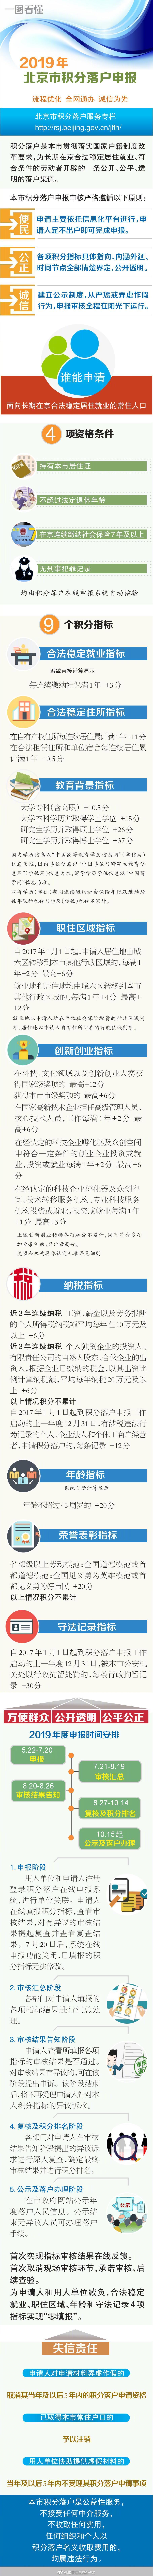 北京市积分落户申报:北京市2019年积分落户5月22日启动申报